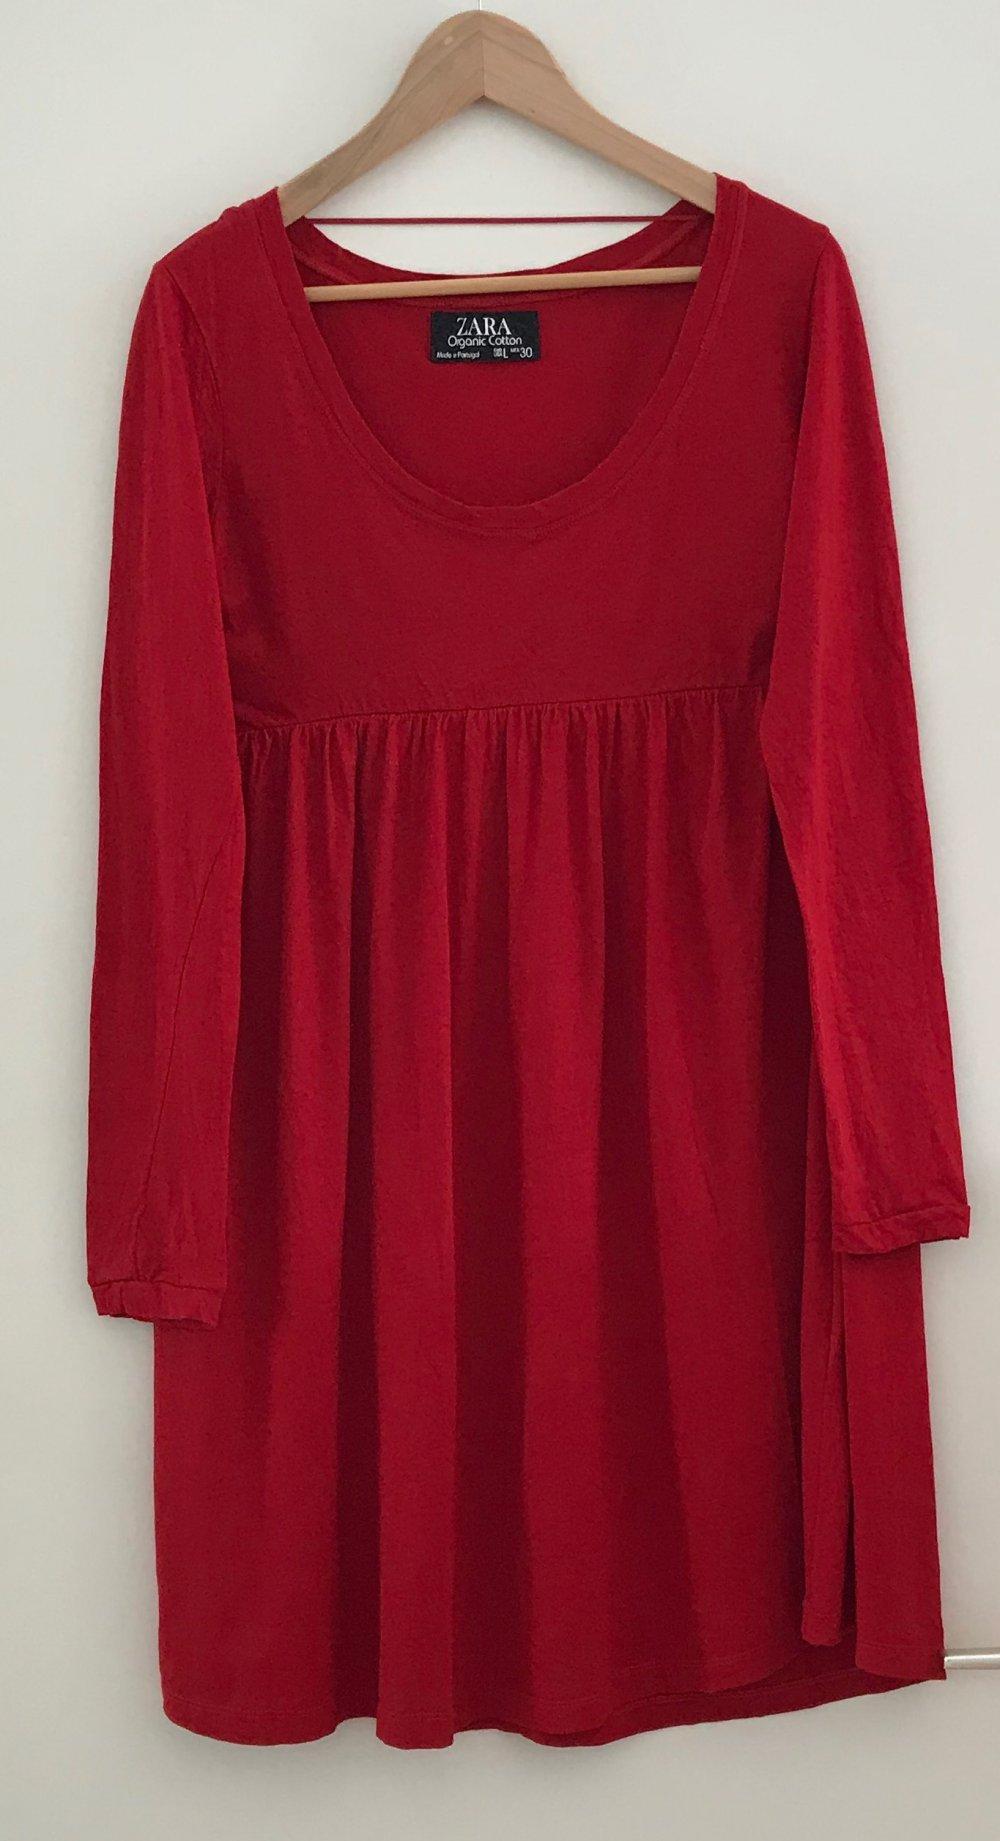 rotes kleid von zara in l